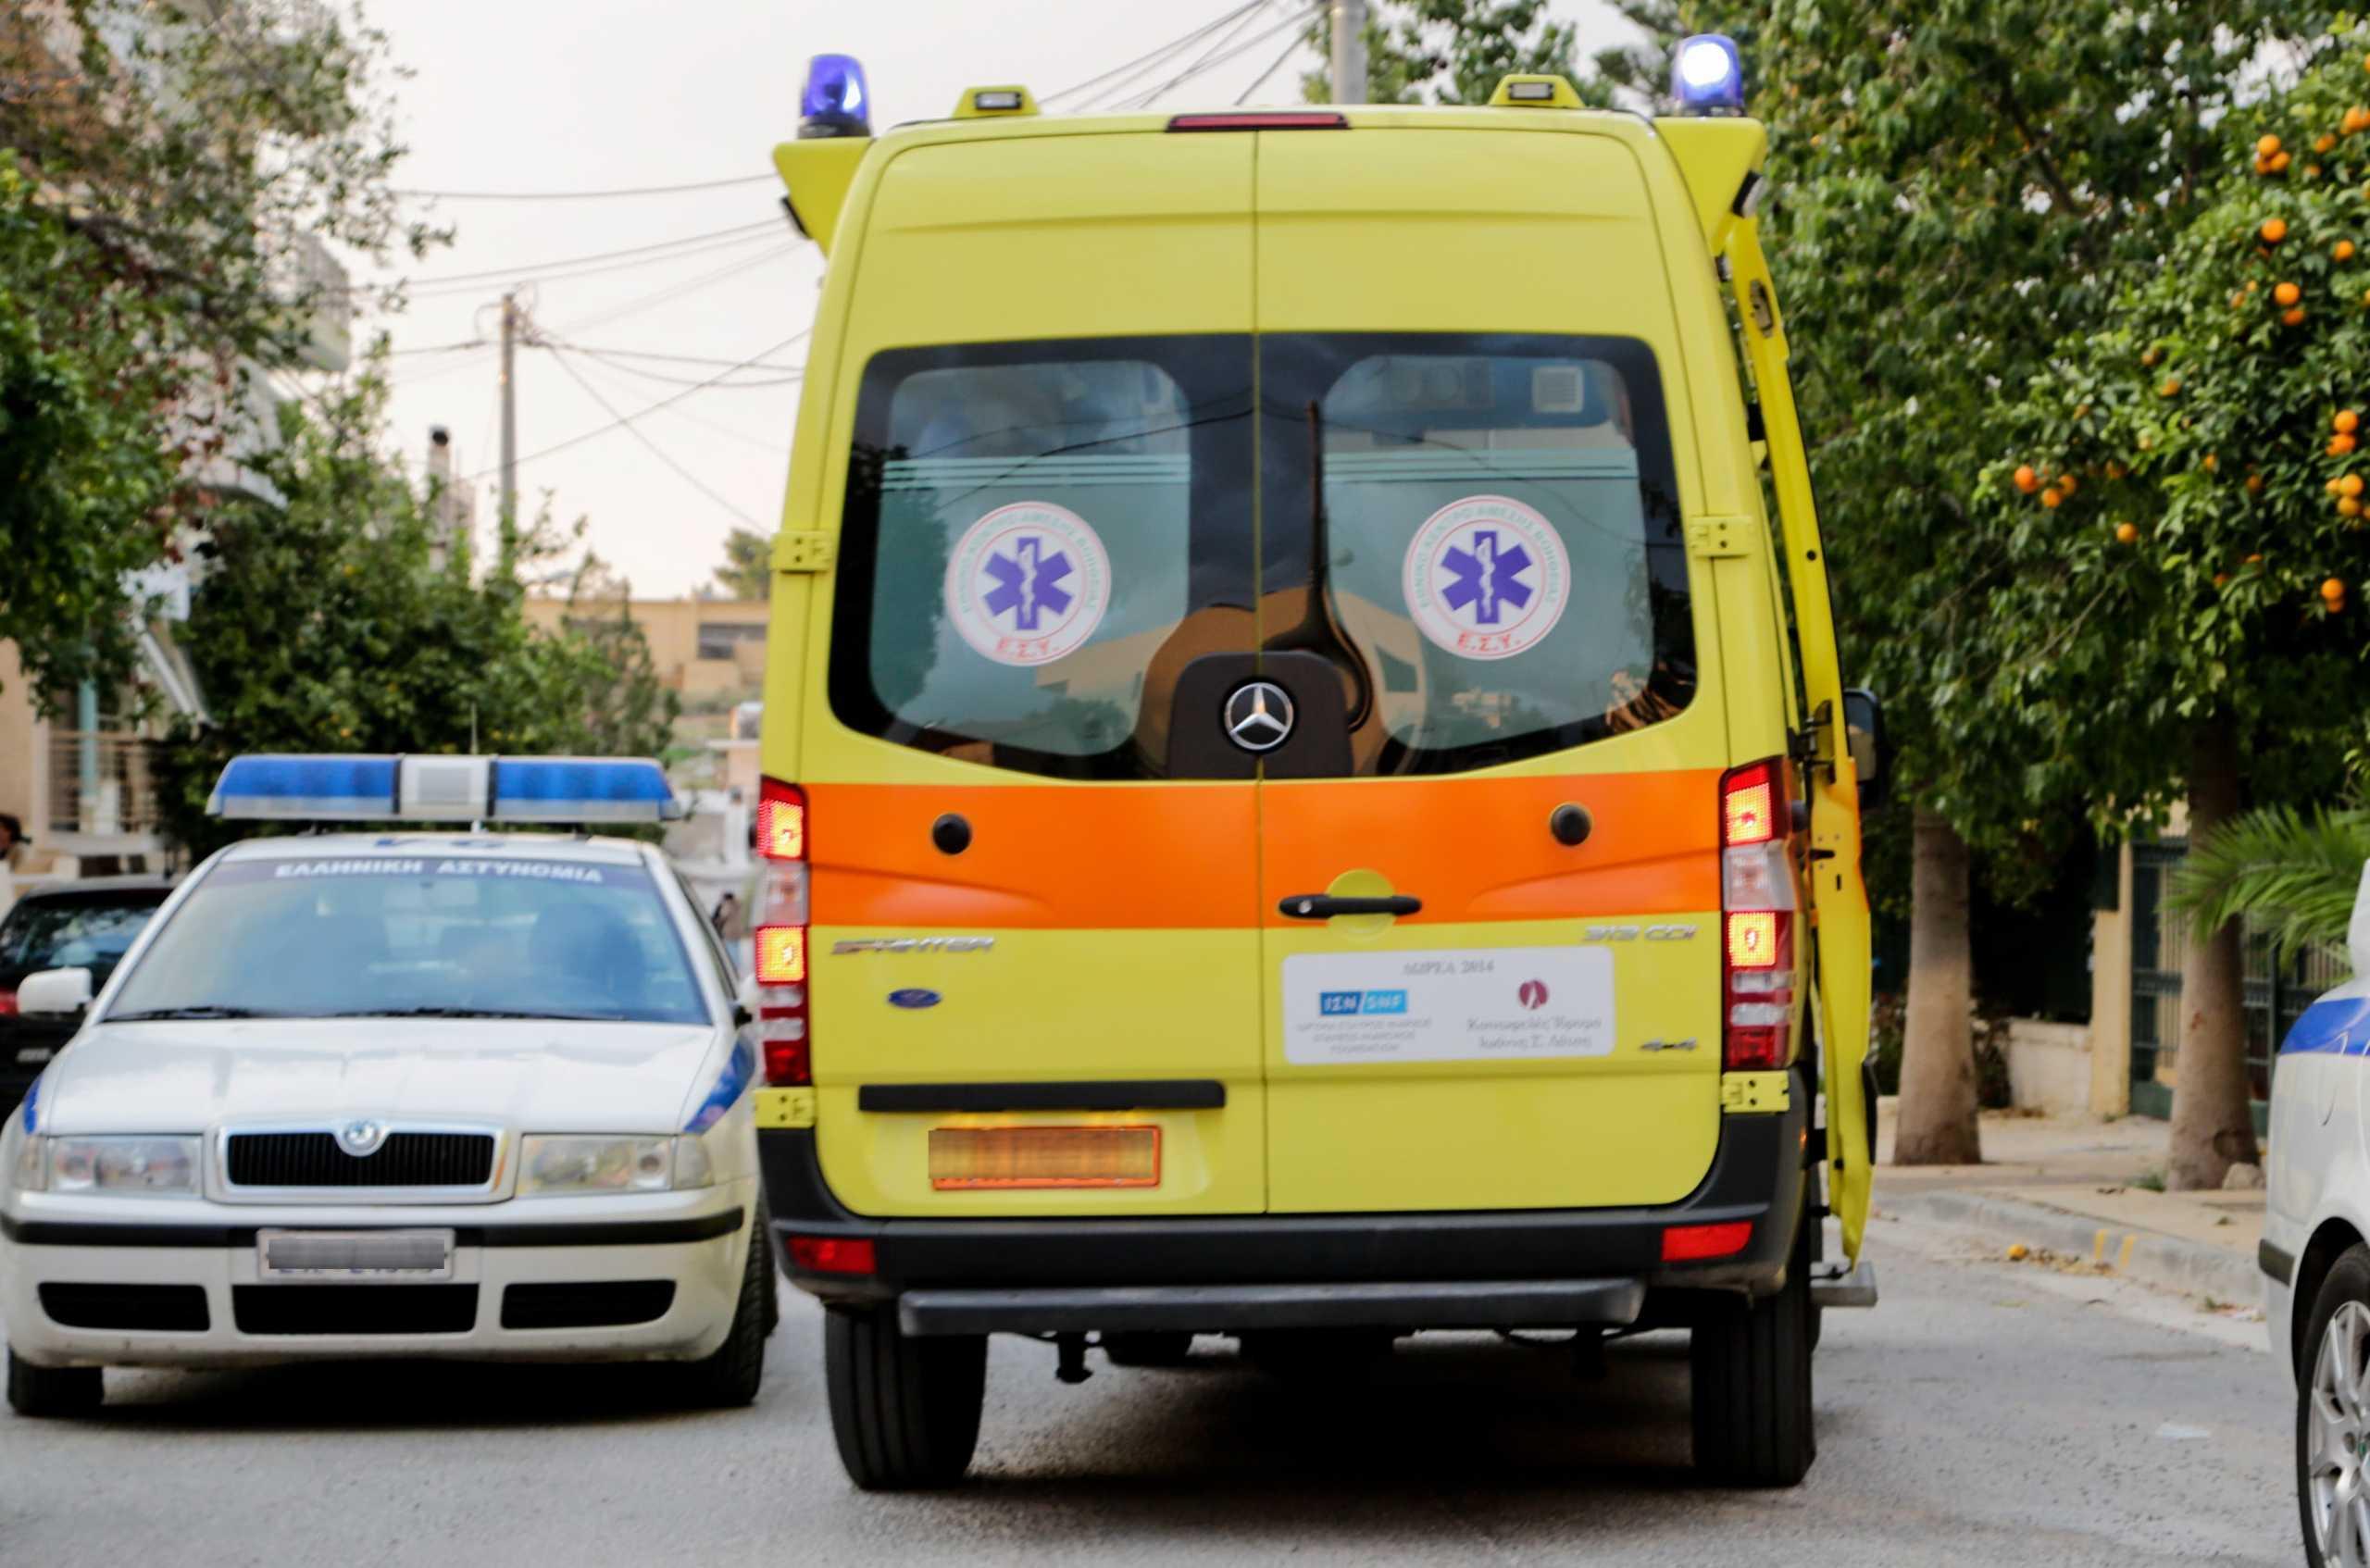 Συναγερμός στο Χολαργό: Κρούσμα κορονοϊού σε υπάλληλο του Υπουργείου Μεταφορών